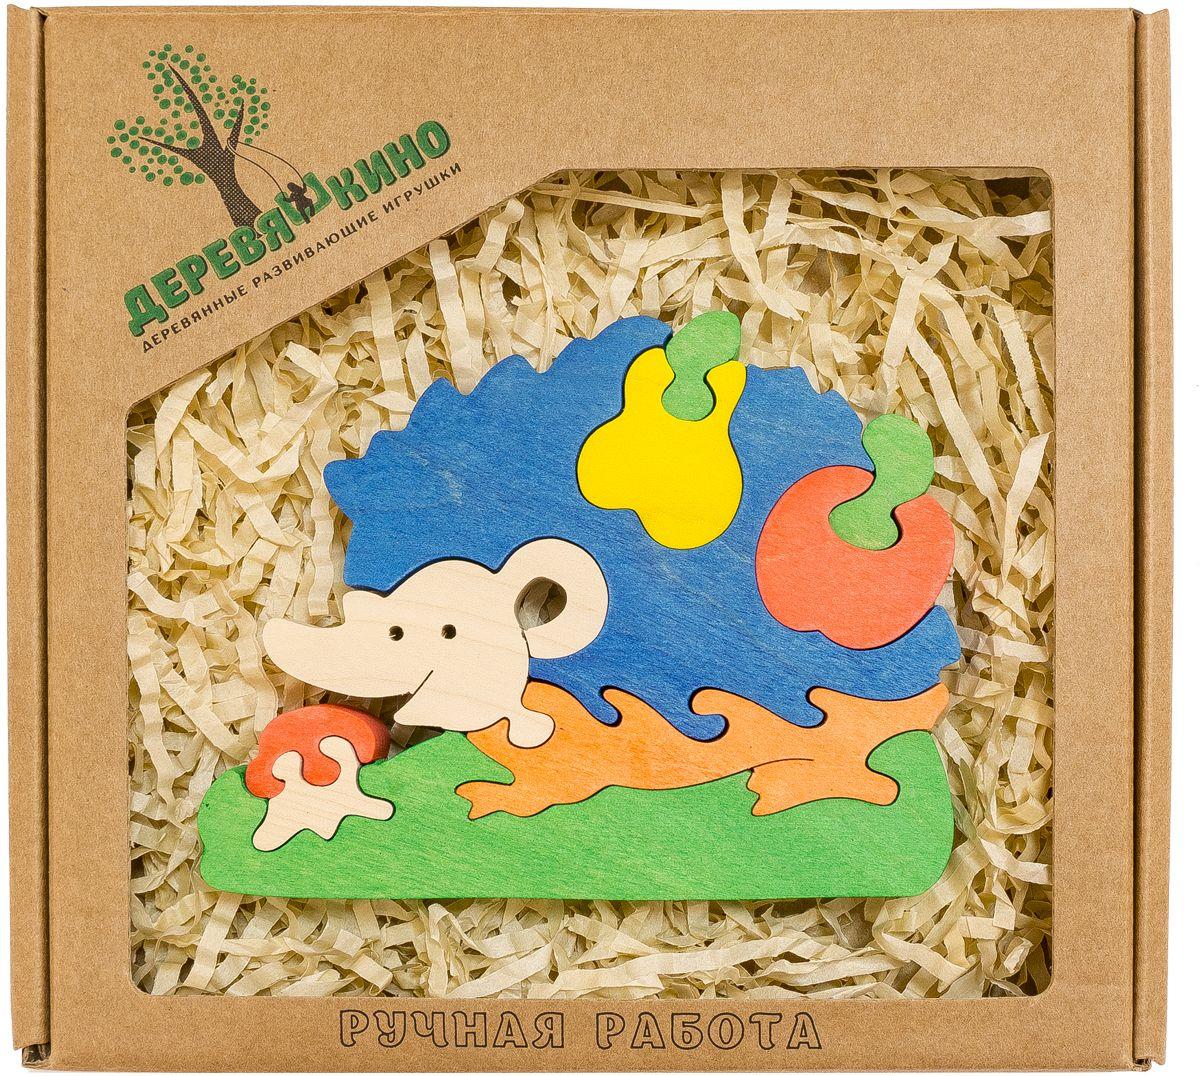 Деревяшкино Пазл для малышей Ежик с грушей554Развивающая деревянная головоломка Ёжик с грушей (средней степени сложности) подходит для мальчиков и девочек в возрасте 3-5лет, состоит из 10 деталей. Экологически чистый продукт: изготовлено вручную из массива березы. Игрушка раскрашена пищевой водостойкой краской, что делает взаимодействие с изделием абсолютно безопасным: никаких лаков, «химии» или добавок. Процесс сборки деревянной головоломки развивает: тактильную сенсорику, внимательность, усидчивость, пространственное мышление, мелкую моторику, а так же учит различать элементы по цвету, форме и размеру. С продукцией компании Деревяшкино, Ваши детки развиваются, играя без риска для здоровья. !